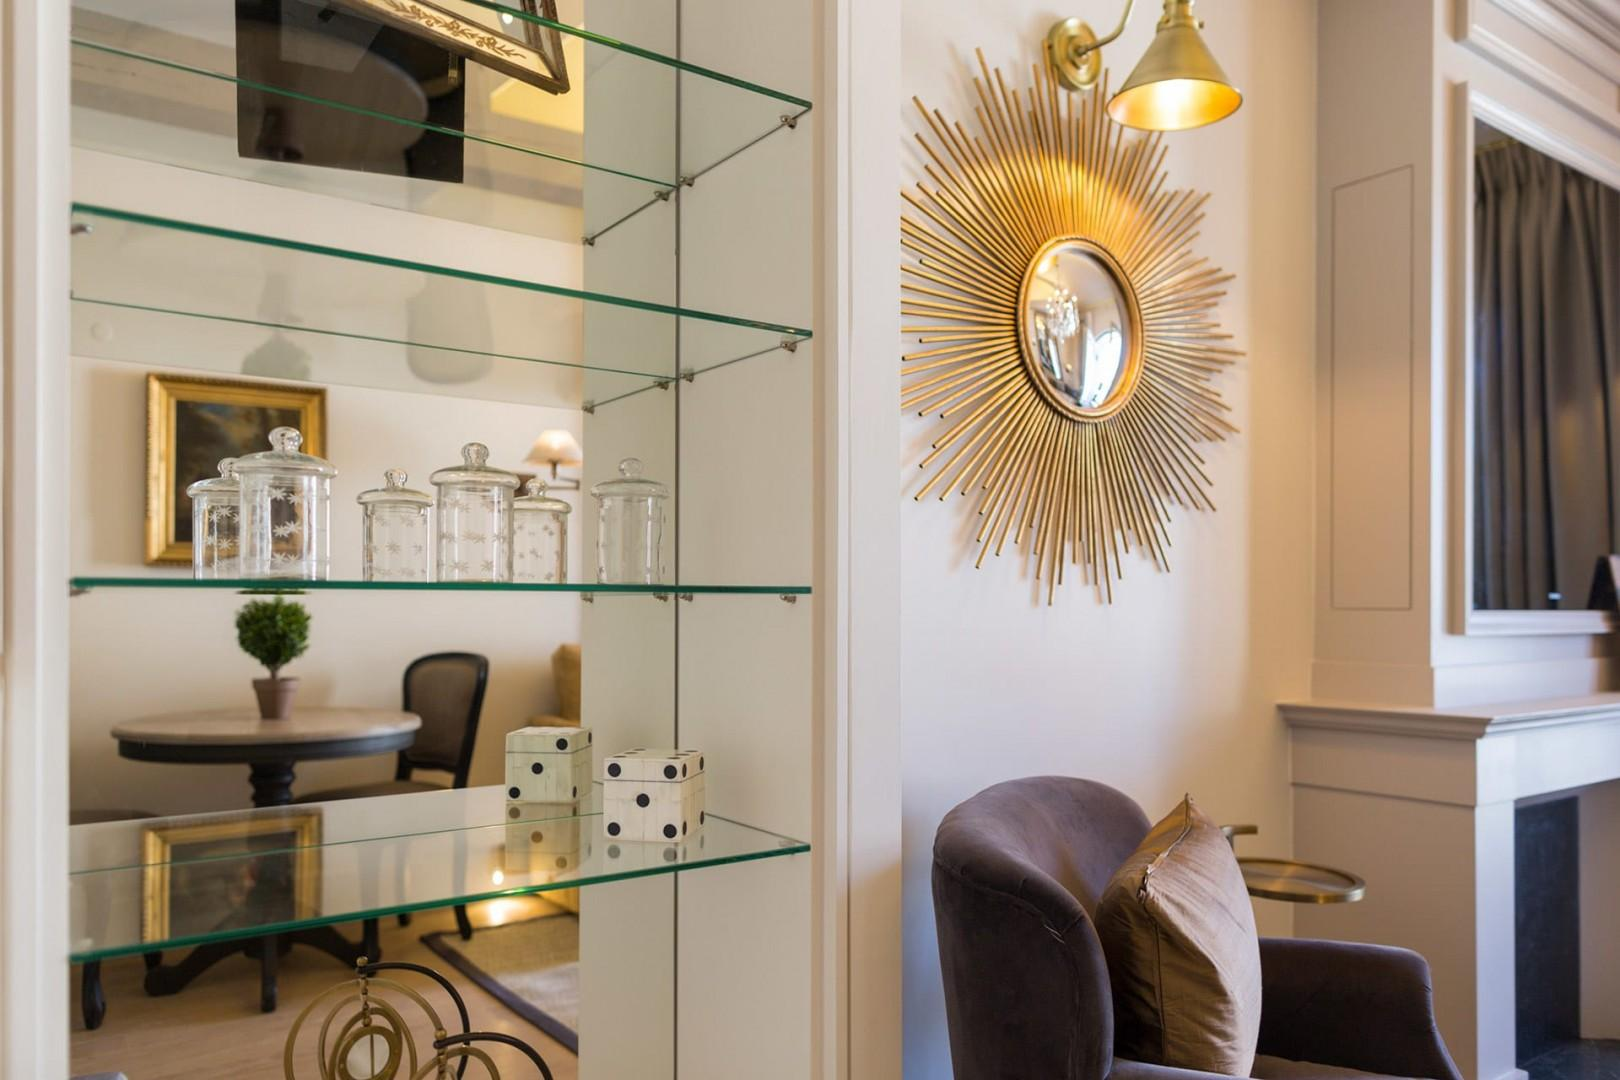 Unique decor gives Monbazzilac its style.